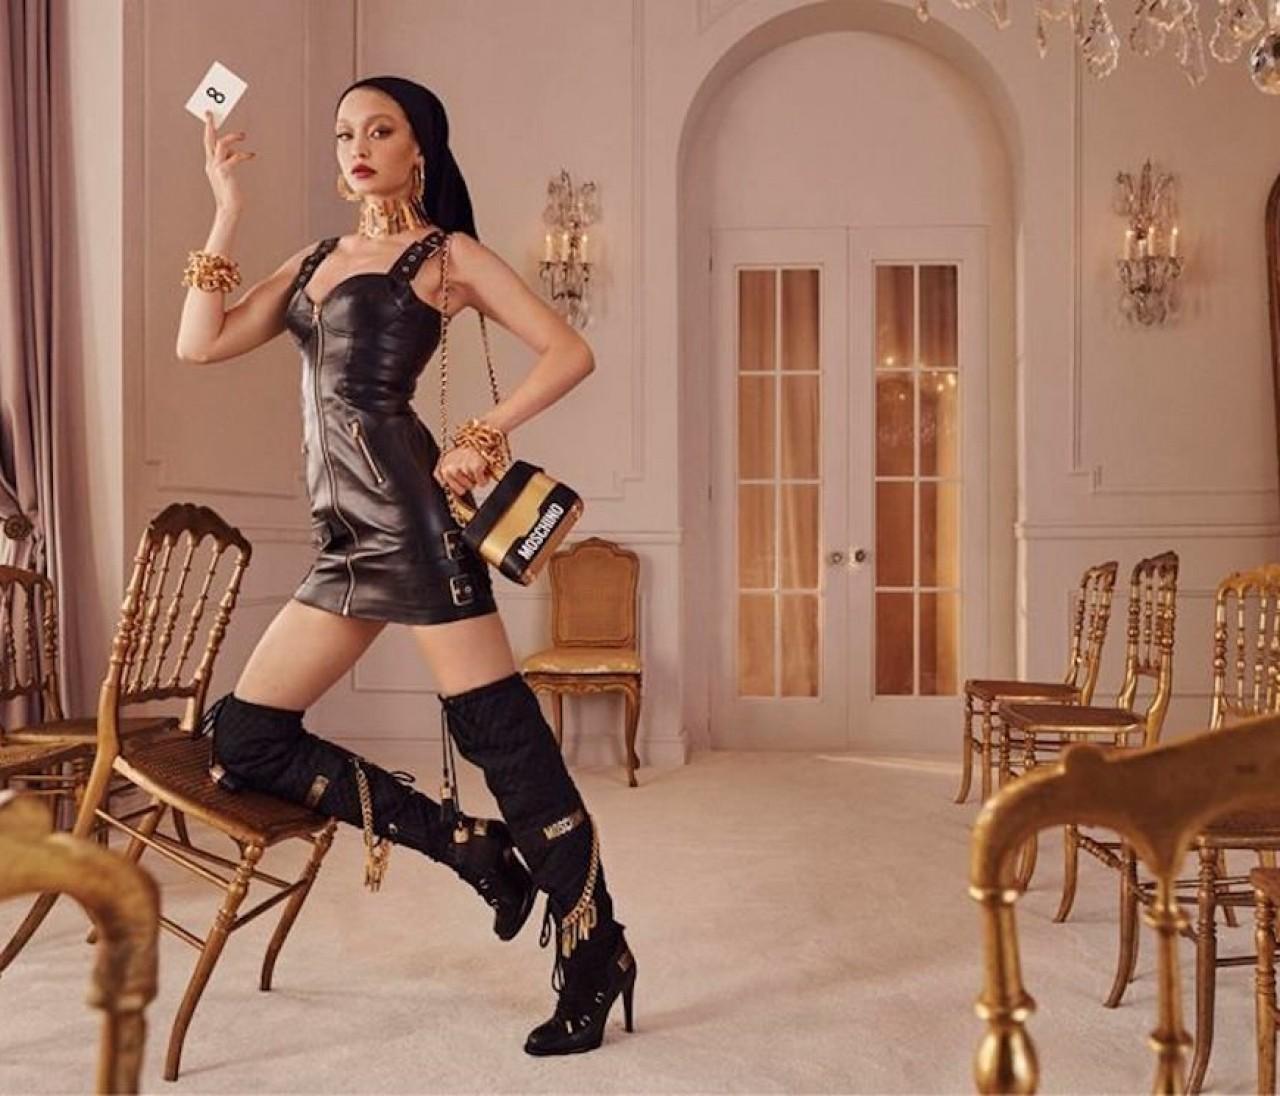 【H&M×MOSCHINOコラボ】30代きれいめ女子が狙うべき激レアアイテムリスト36選